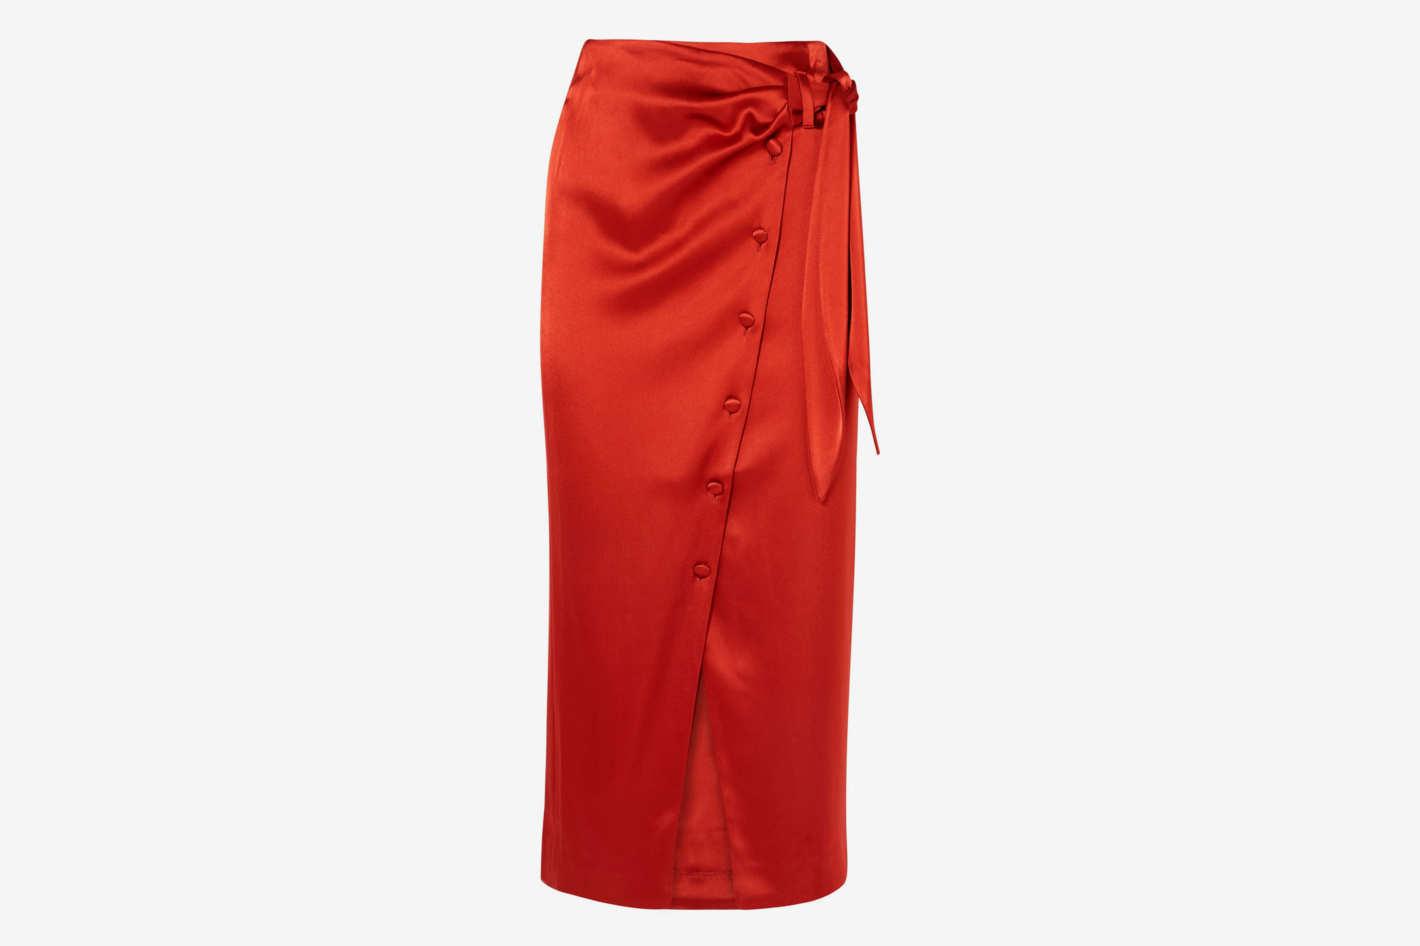 Nanushka Aries Belted Satin Midi Skirt